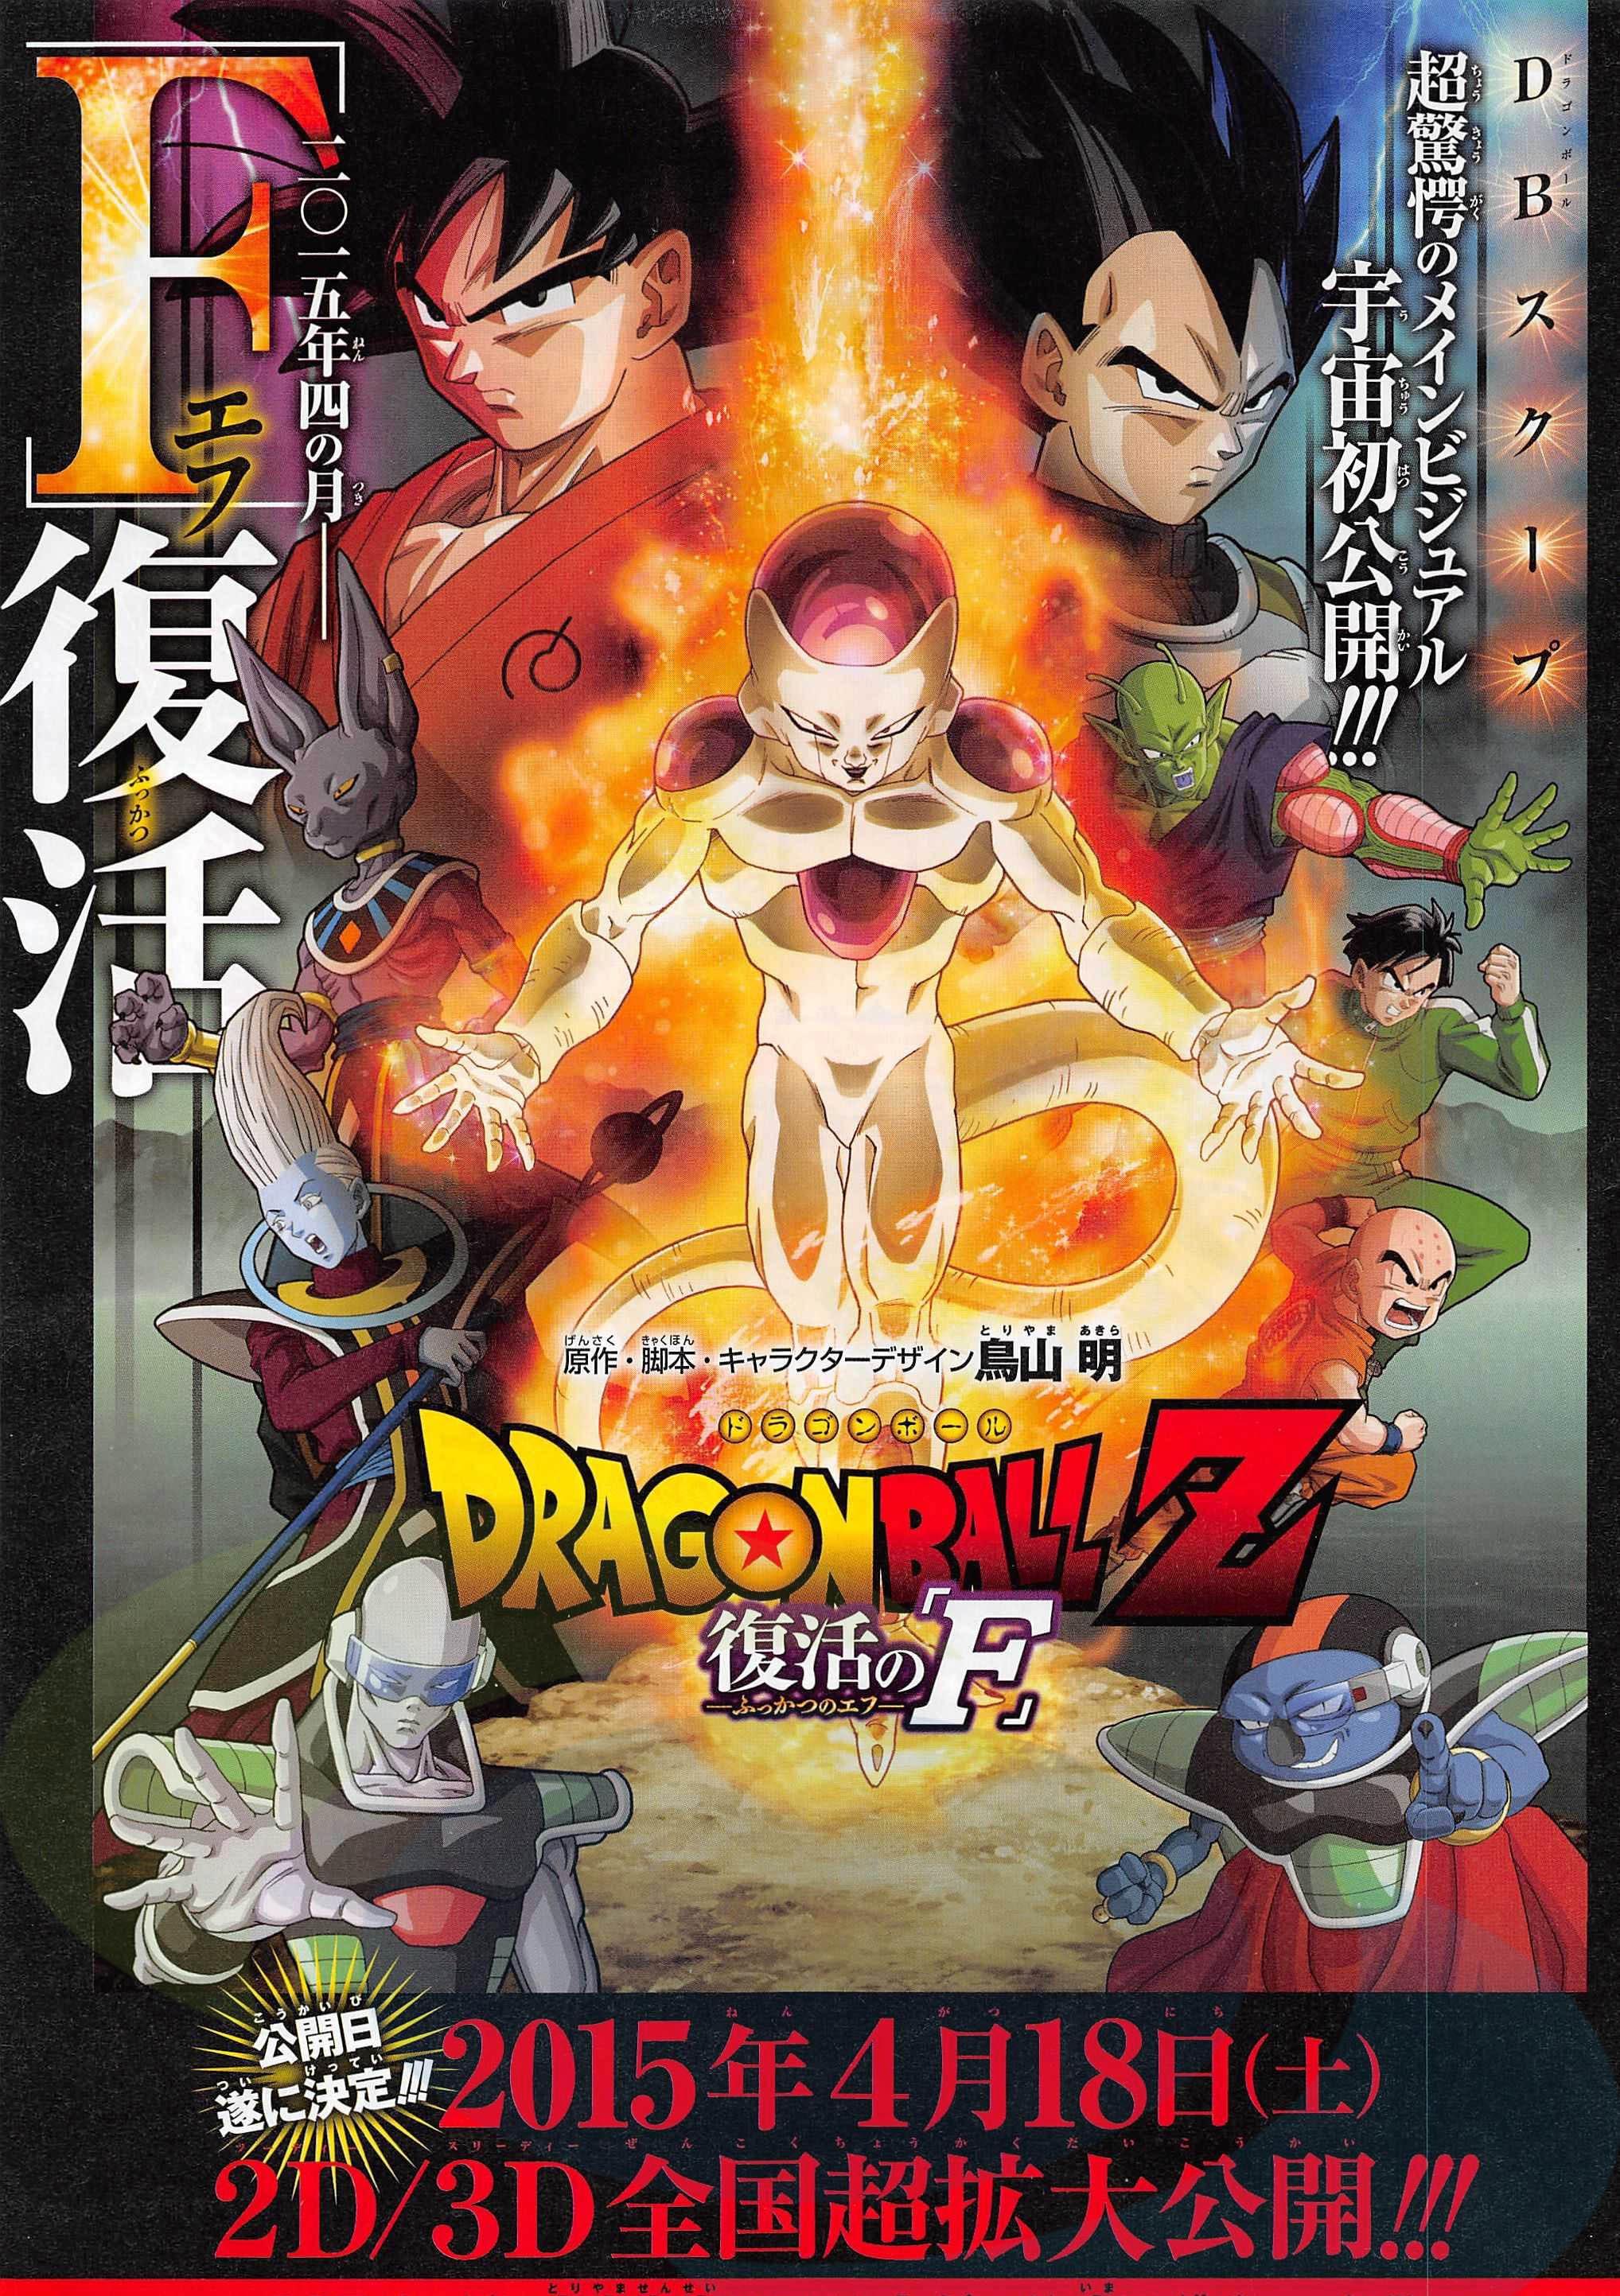 Dragon Ball Z Fukkatsu no [F]